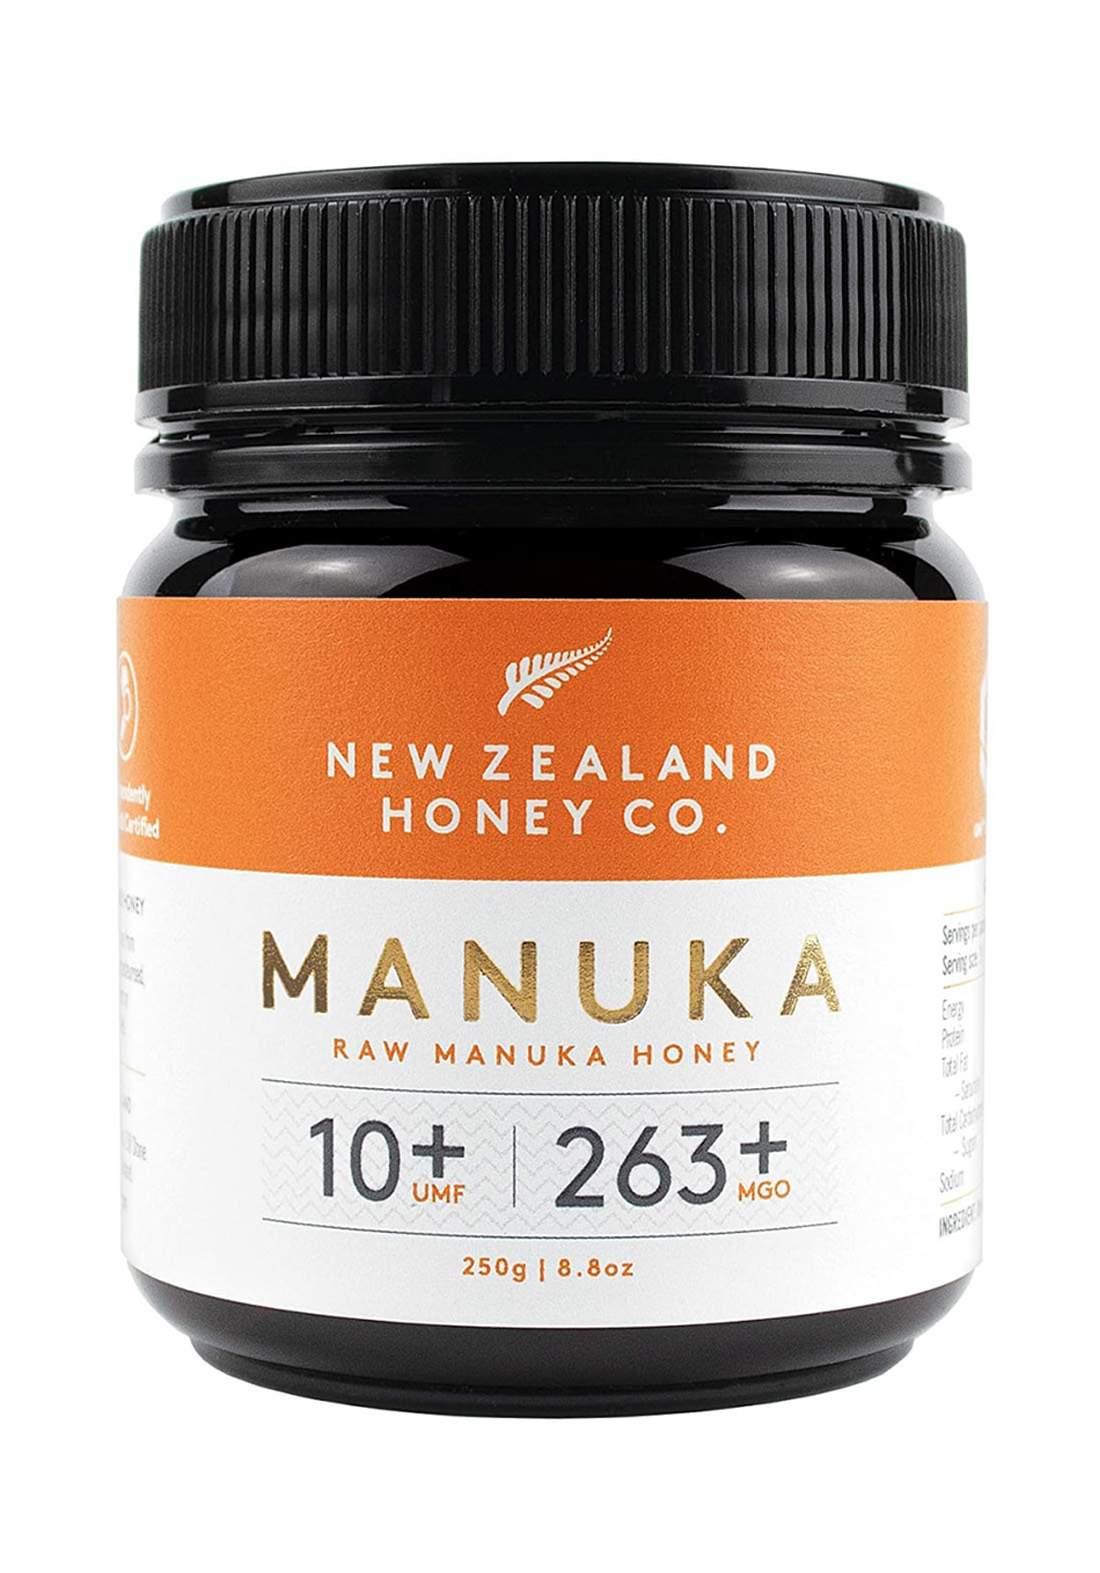 New Zealand Honey Co. Raw Manuka Honey 250g عسل المانوكا